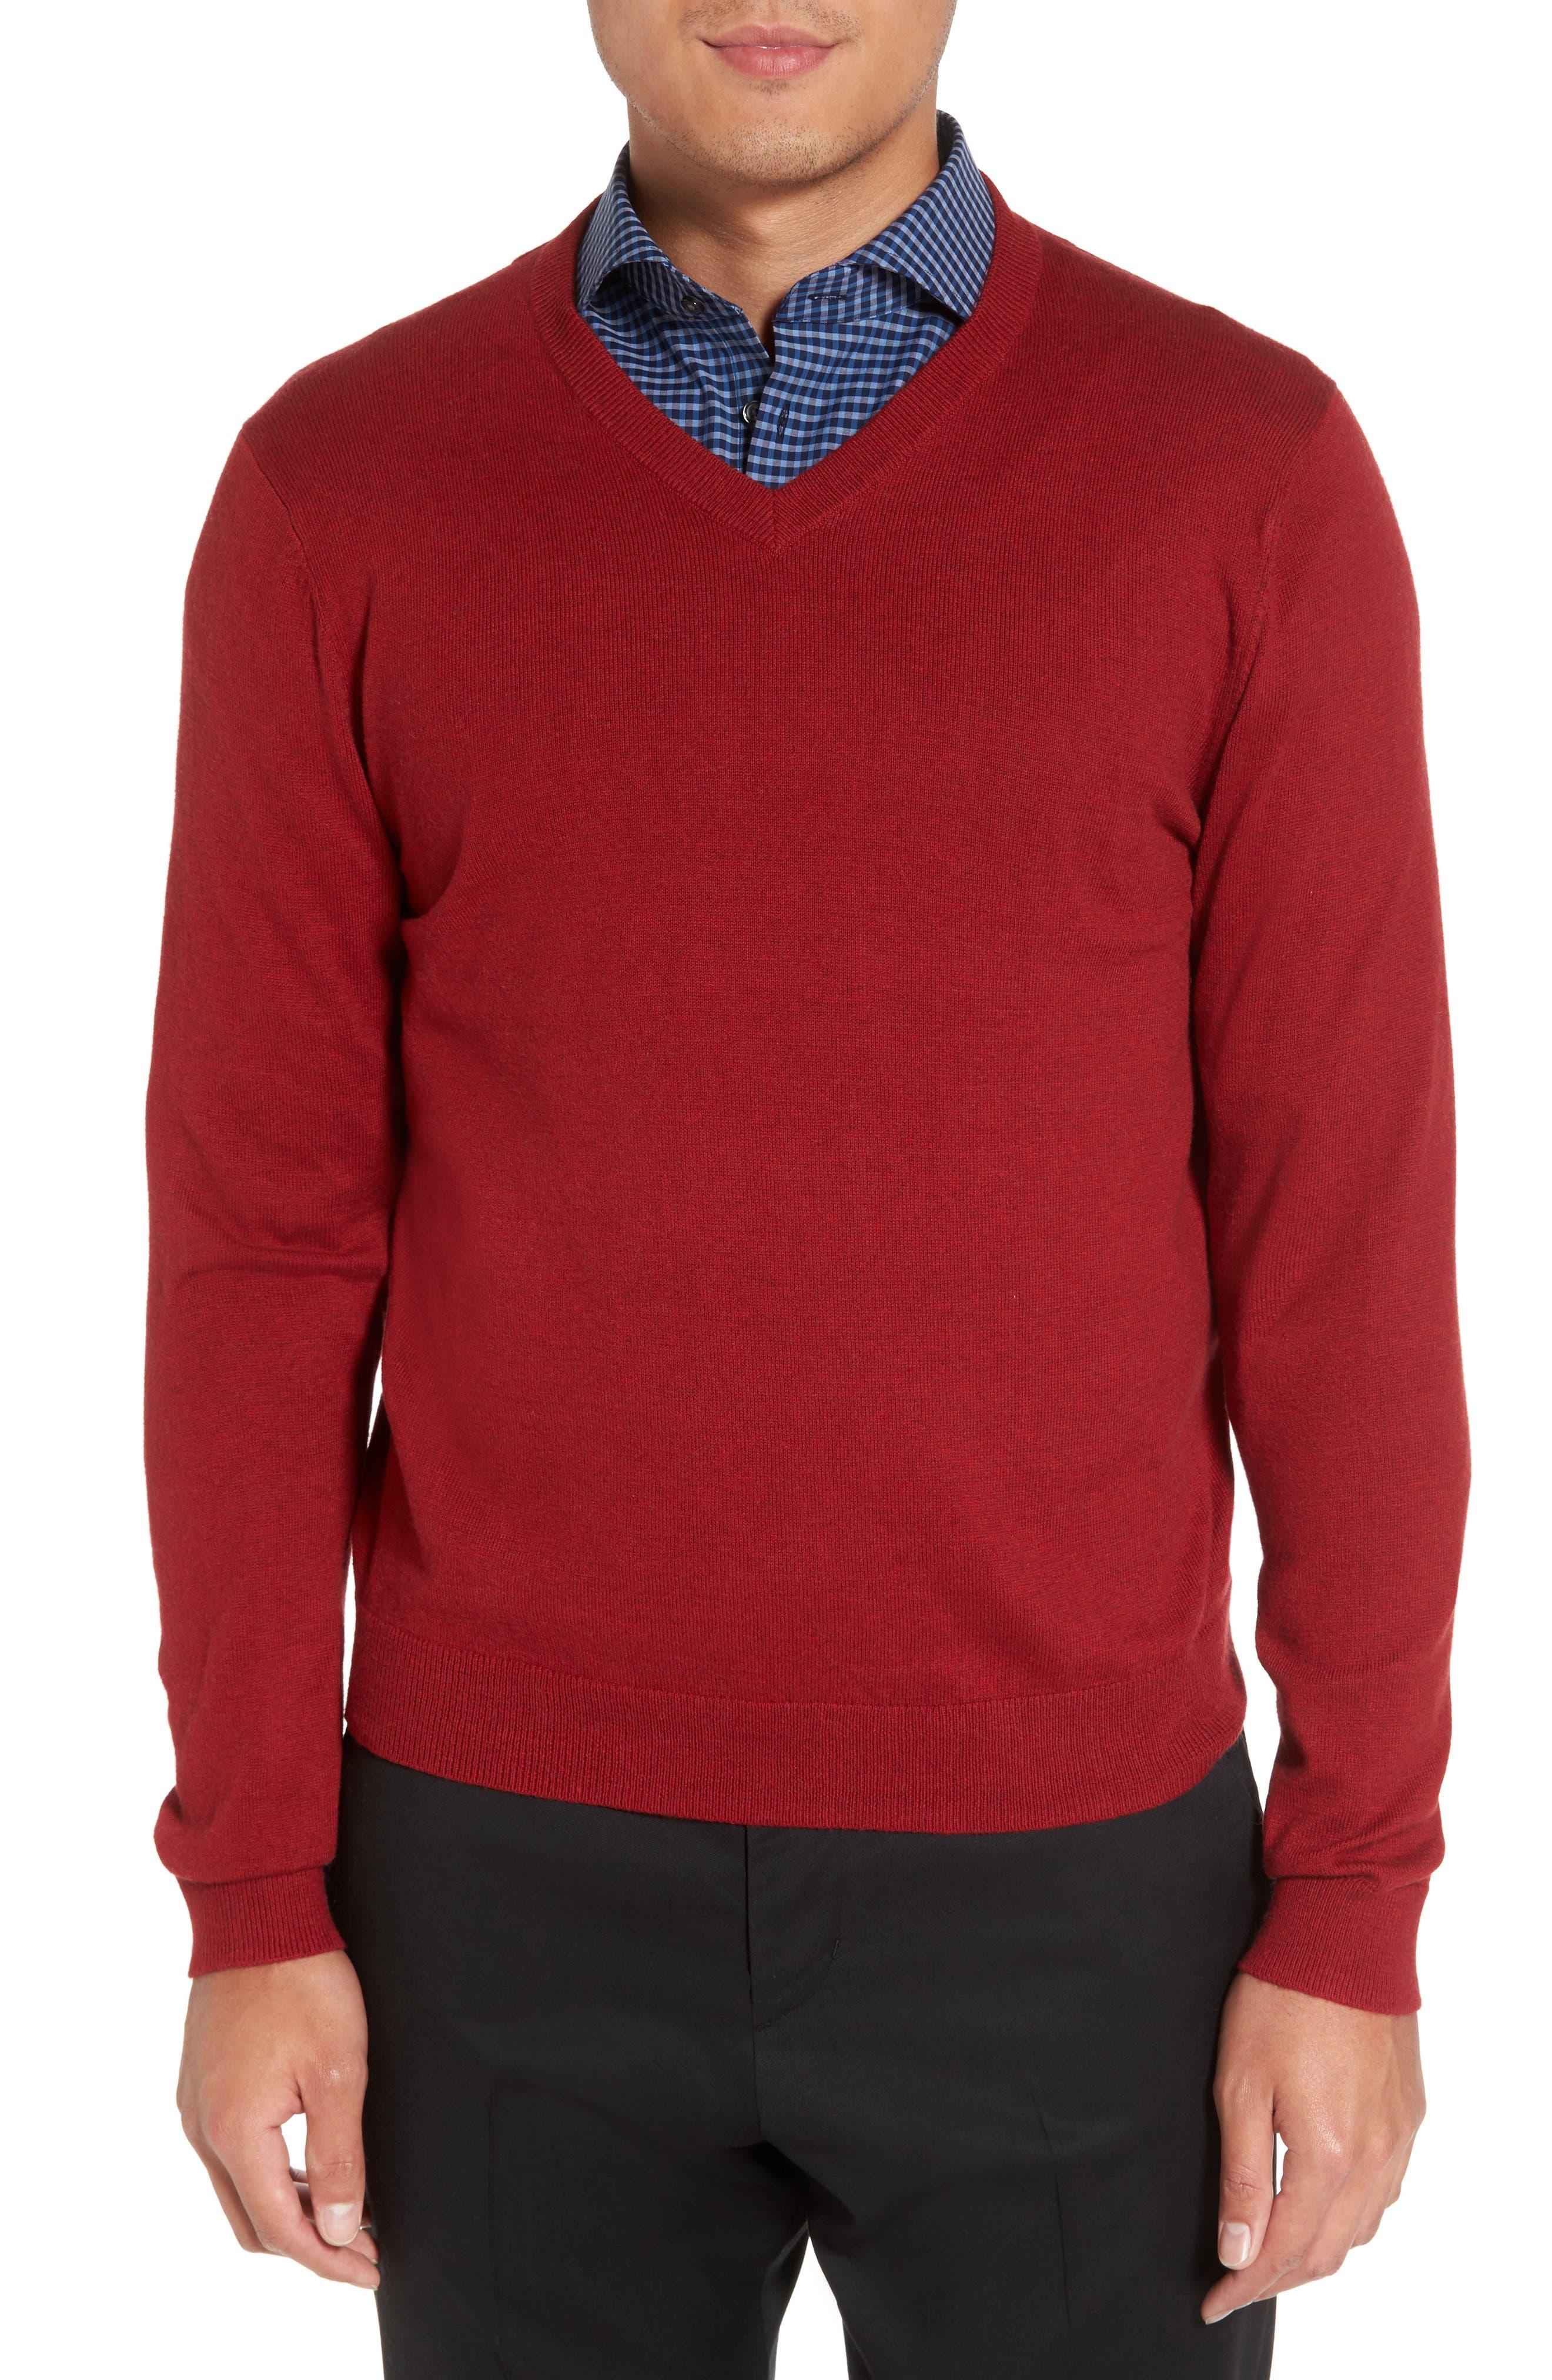 Alternate Image 1 Selected - Nordstrom Men's Shop Cotton & Cashmere V-Neck Sweater (Regular & Tall)